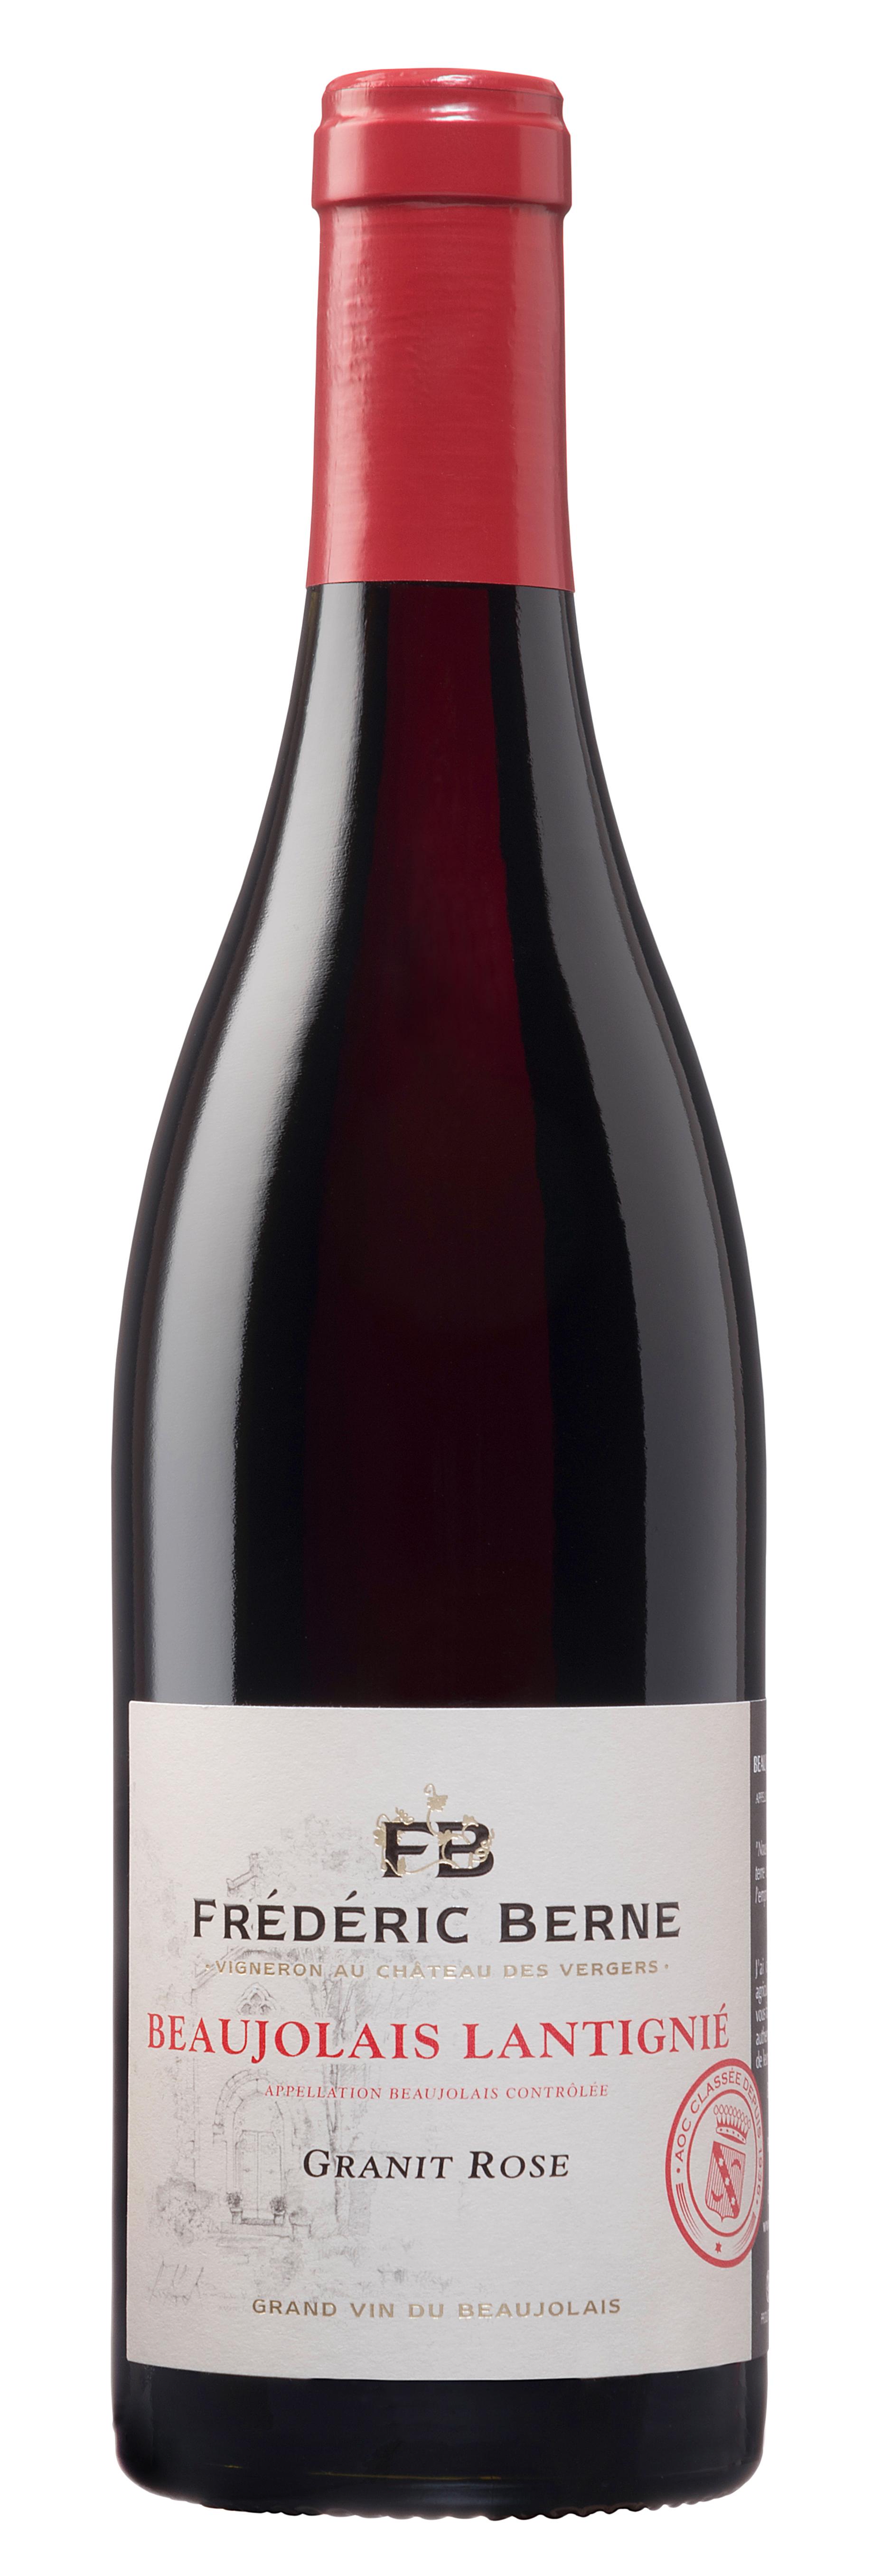 Frédéric Berne, Beaujolais Lantignié `Granit Rose` 2017